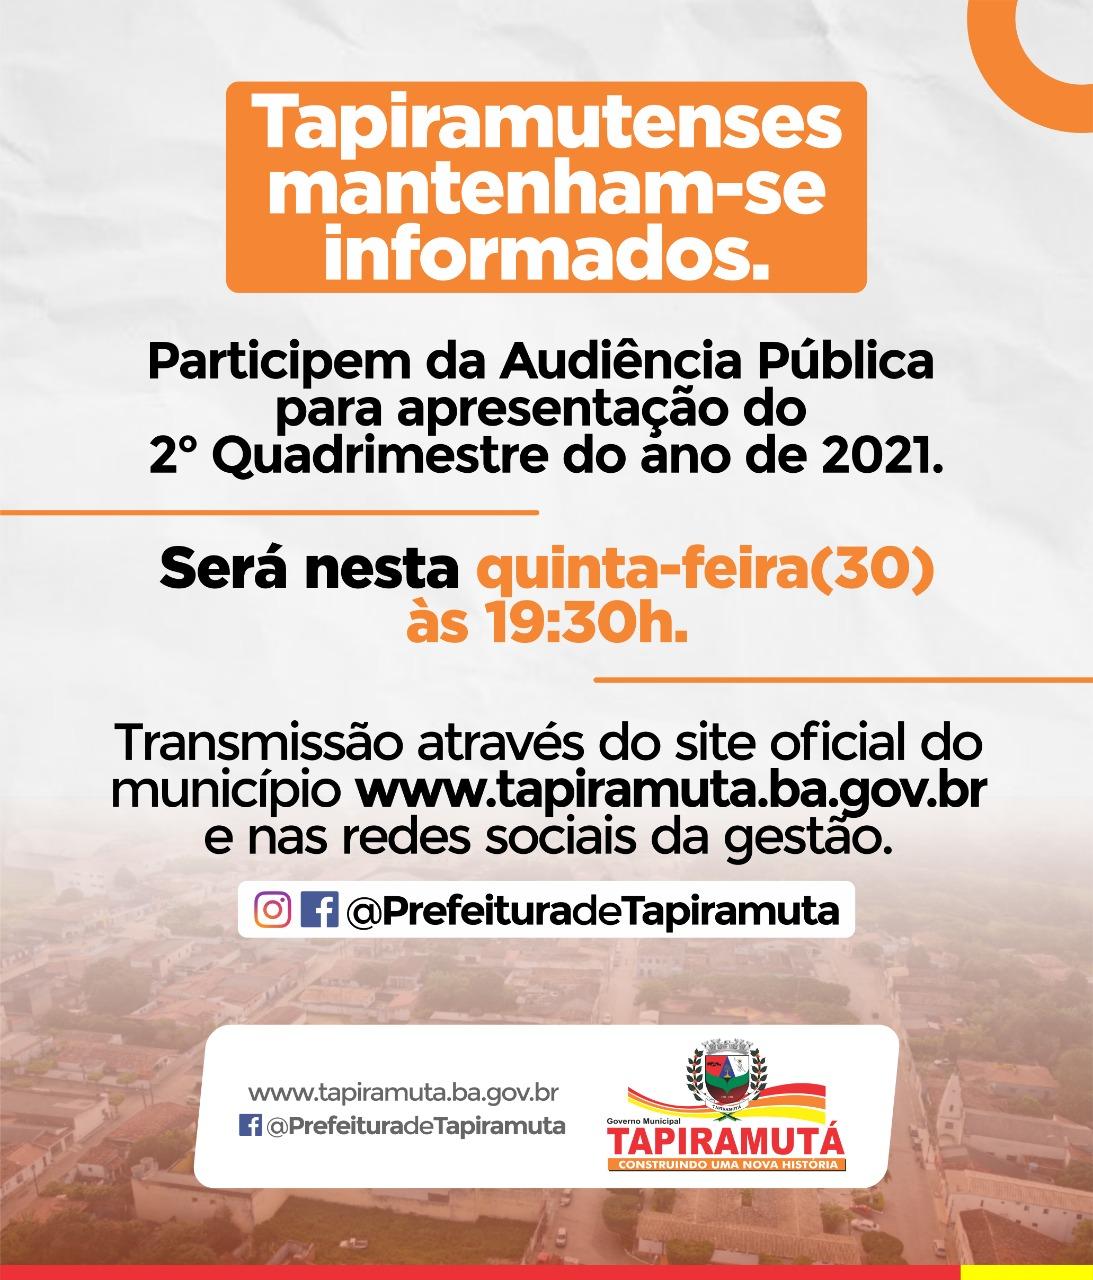 Prefeitura realizará Audiência Pública para apresentação do 2° Quadrimestre do ano de 2021